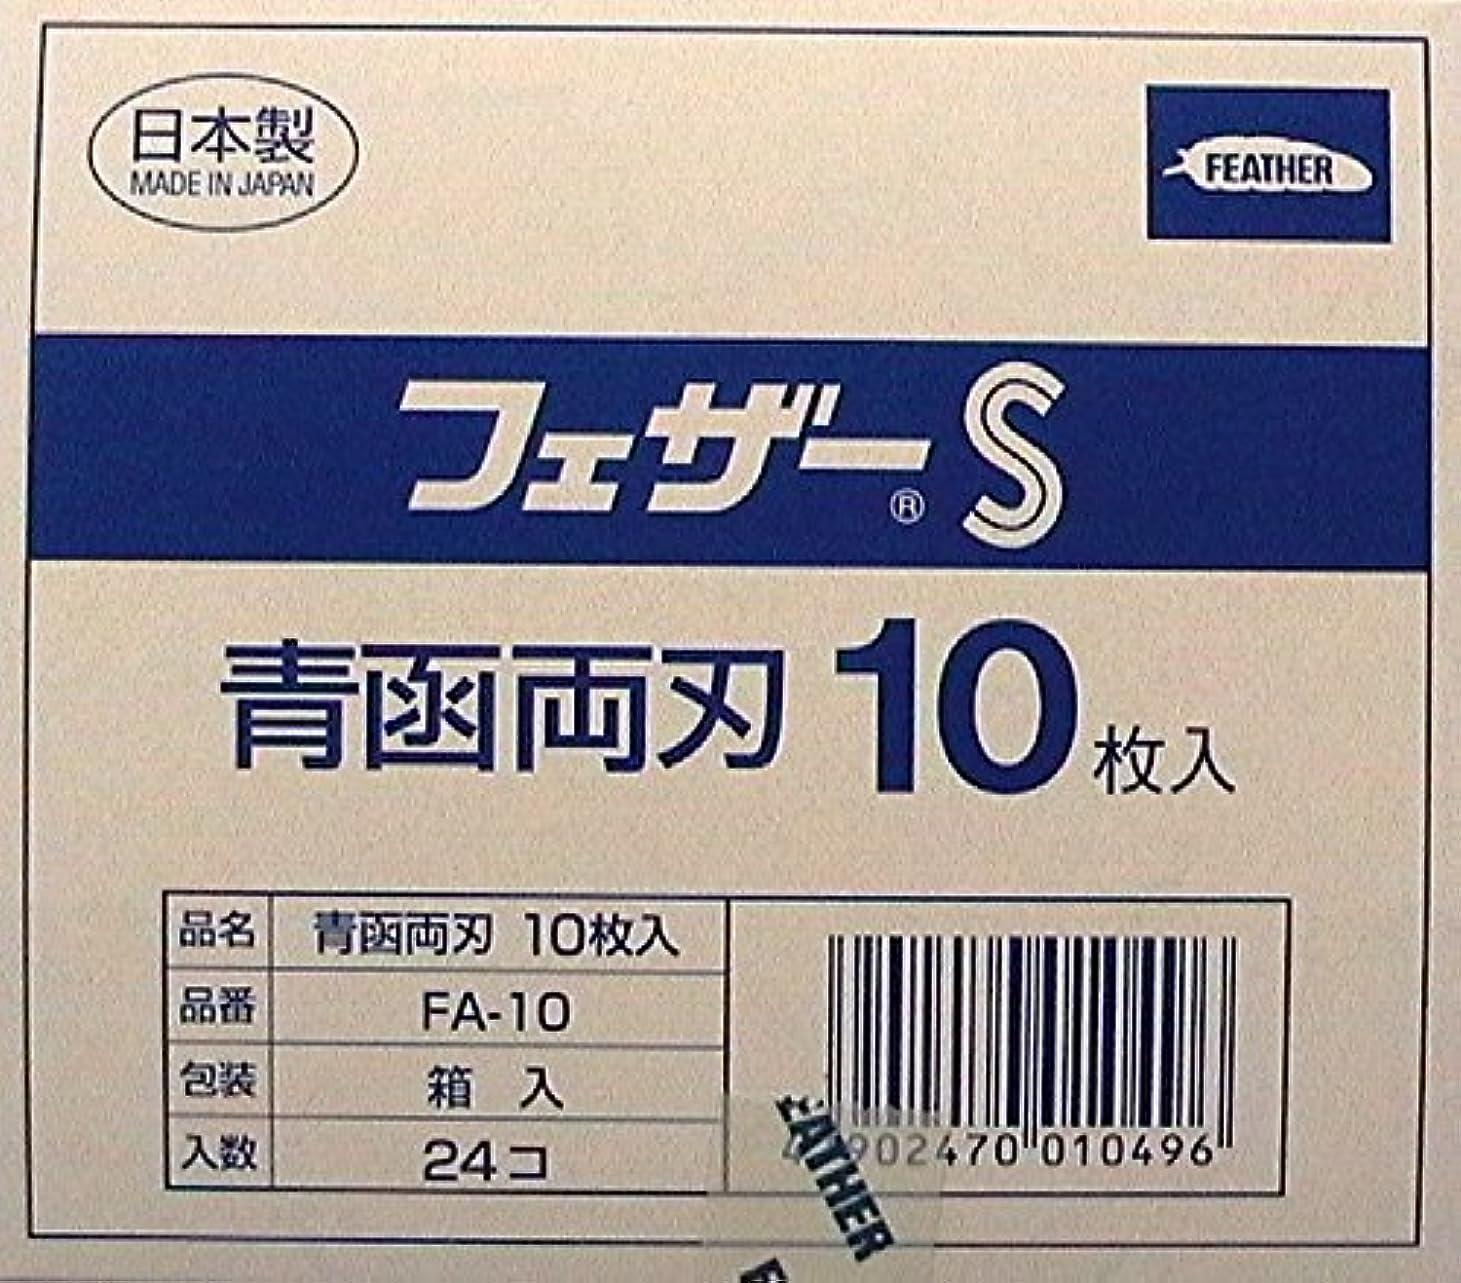 集団的力学四分円フェザーS 青函両刃FA-10 箱入り 10枚入り×24箱(240枚入り)